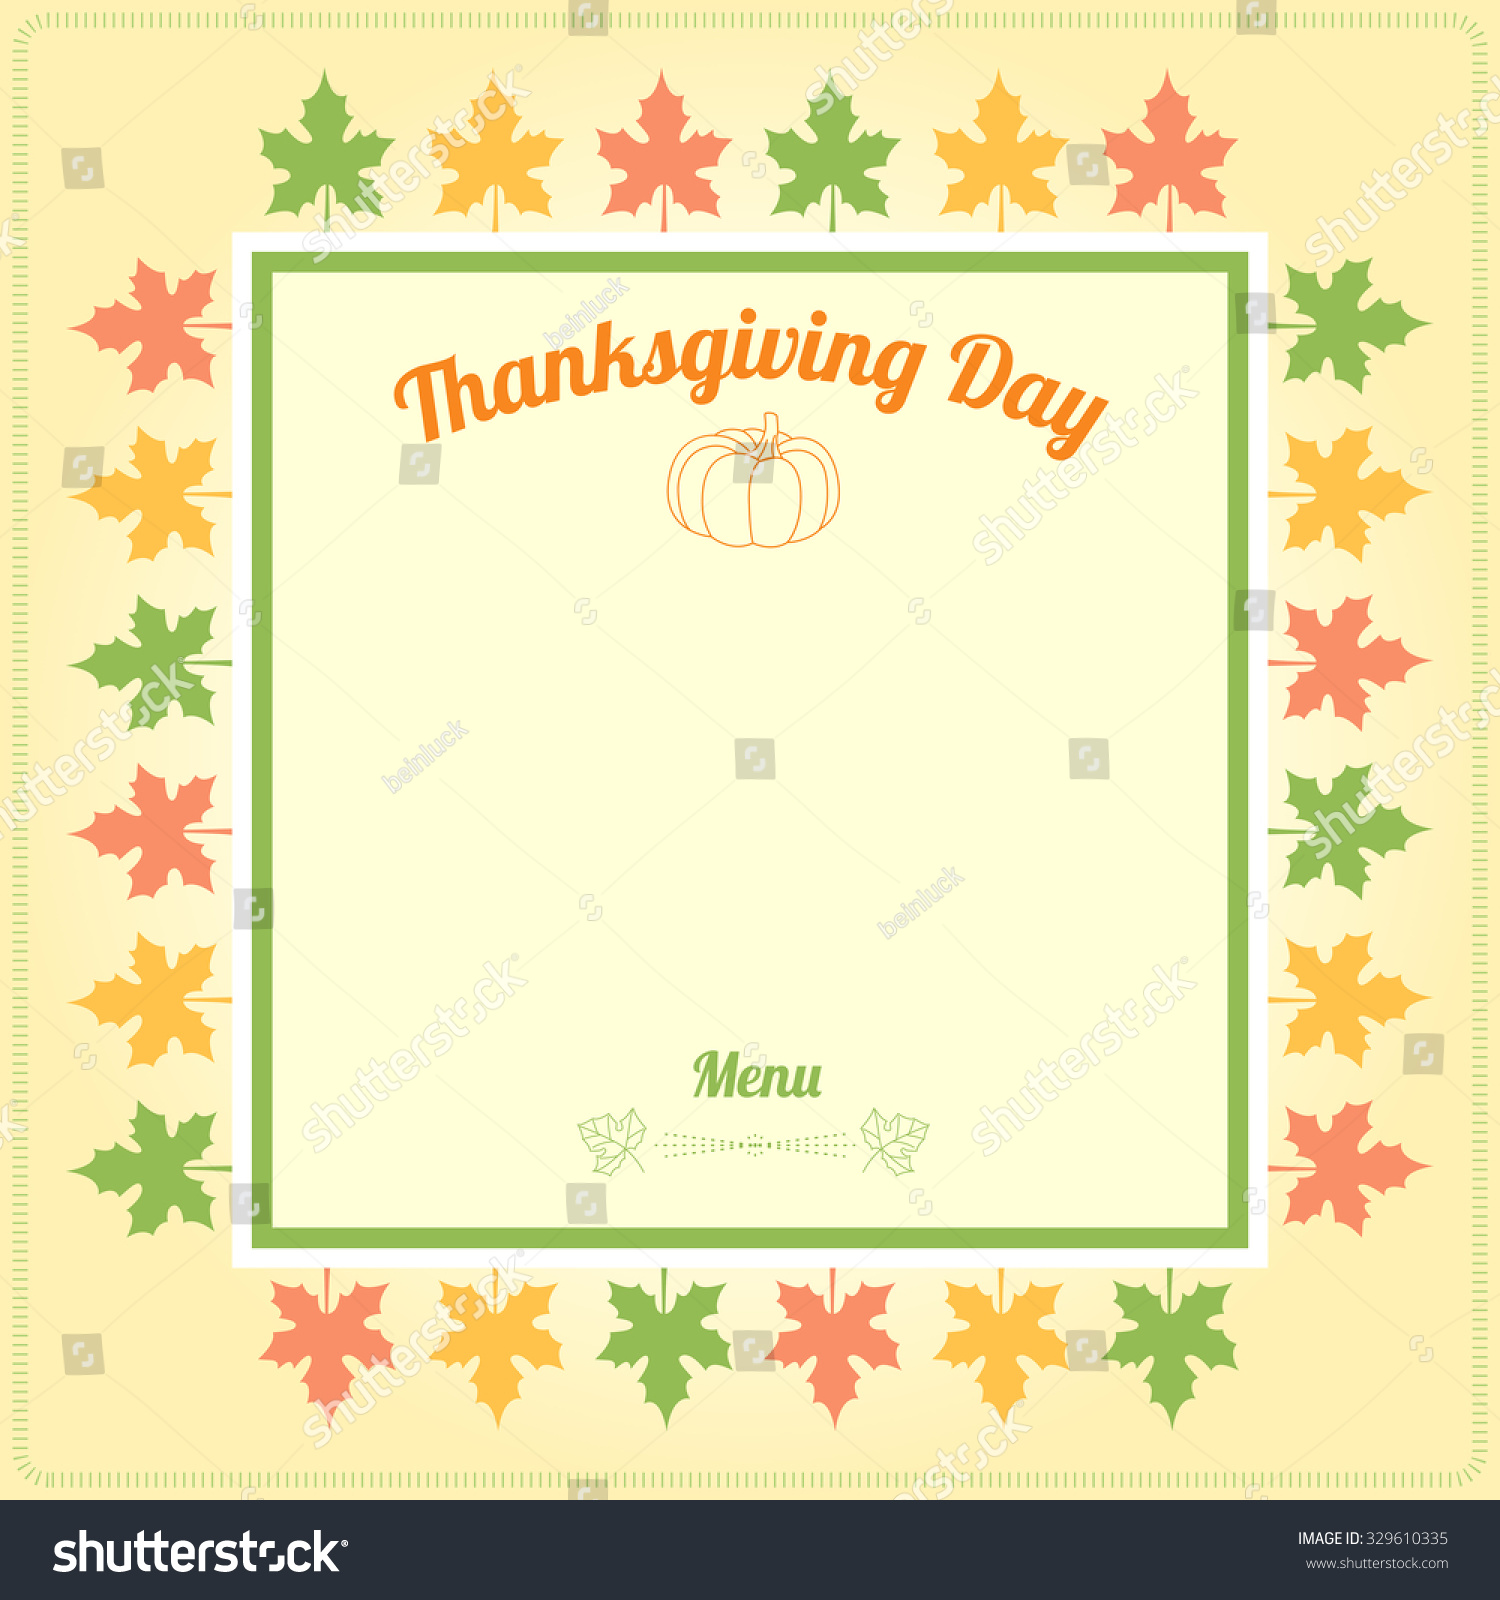 Thanksgiving Day Menu Template Vector Stock Vector 329610335